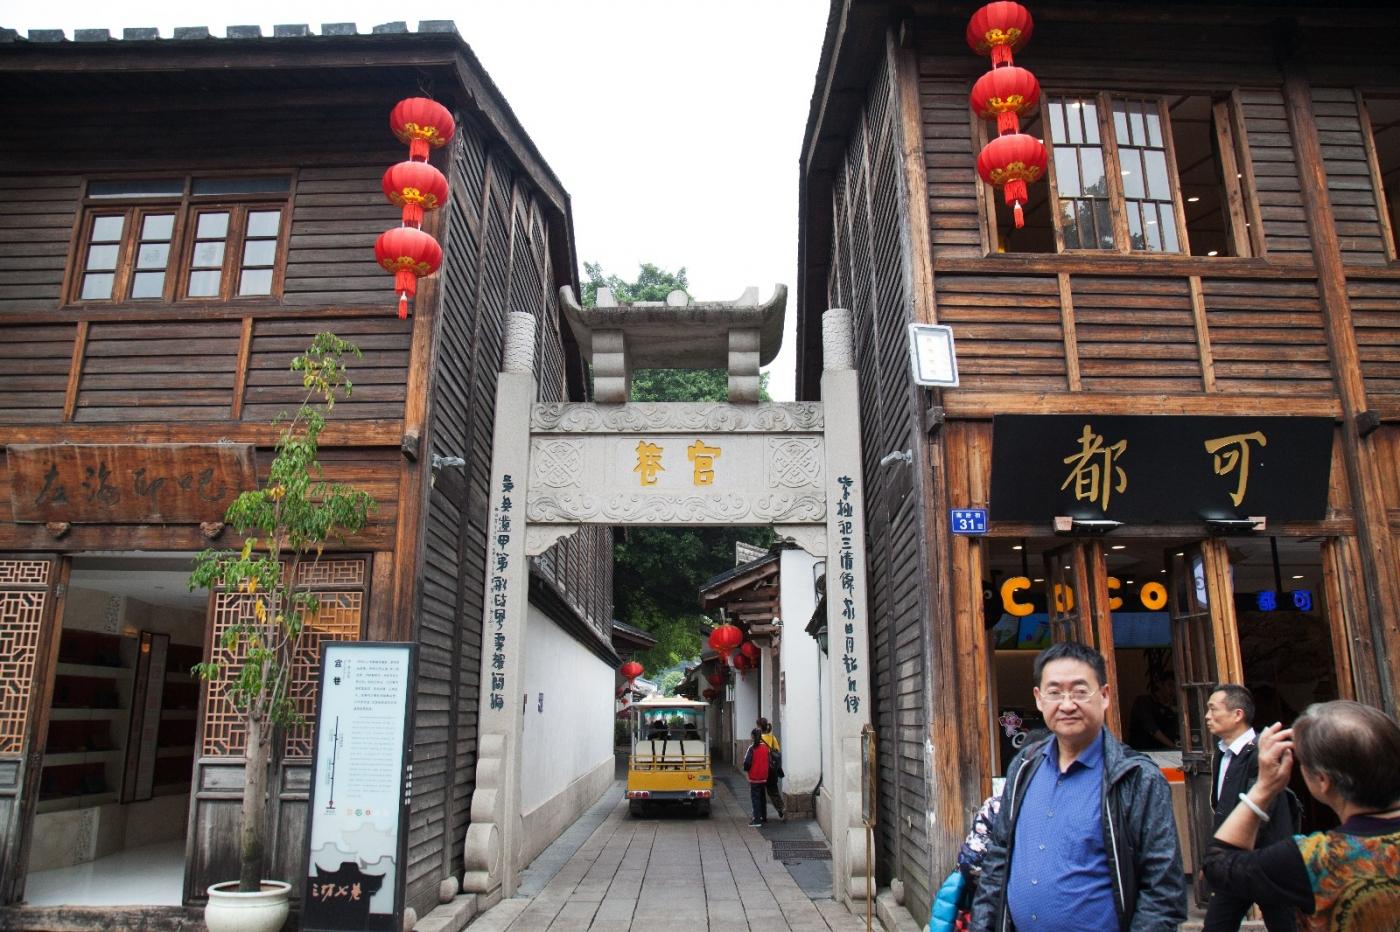 三坊七巷是福州市的旅游胜地_图1-9